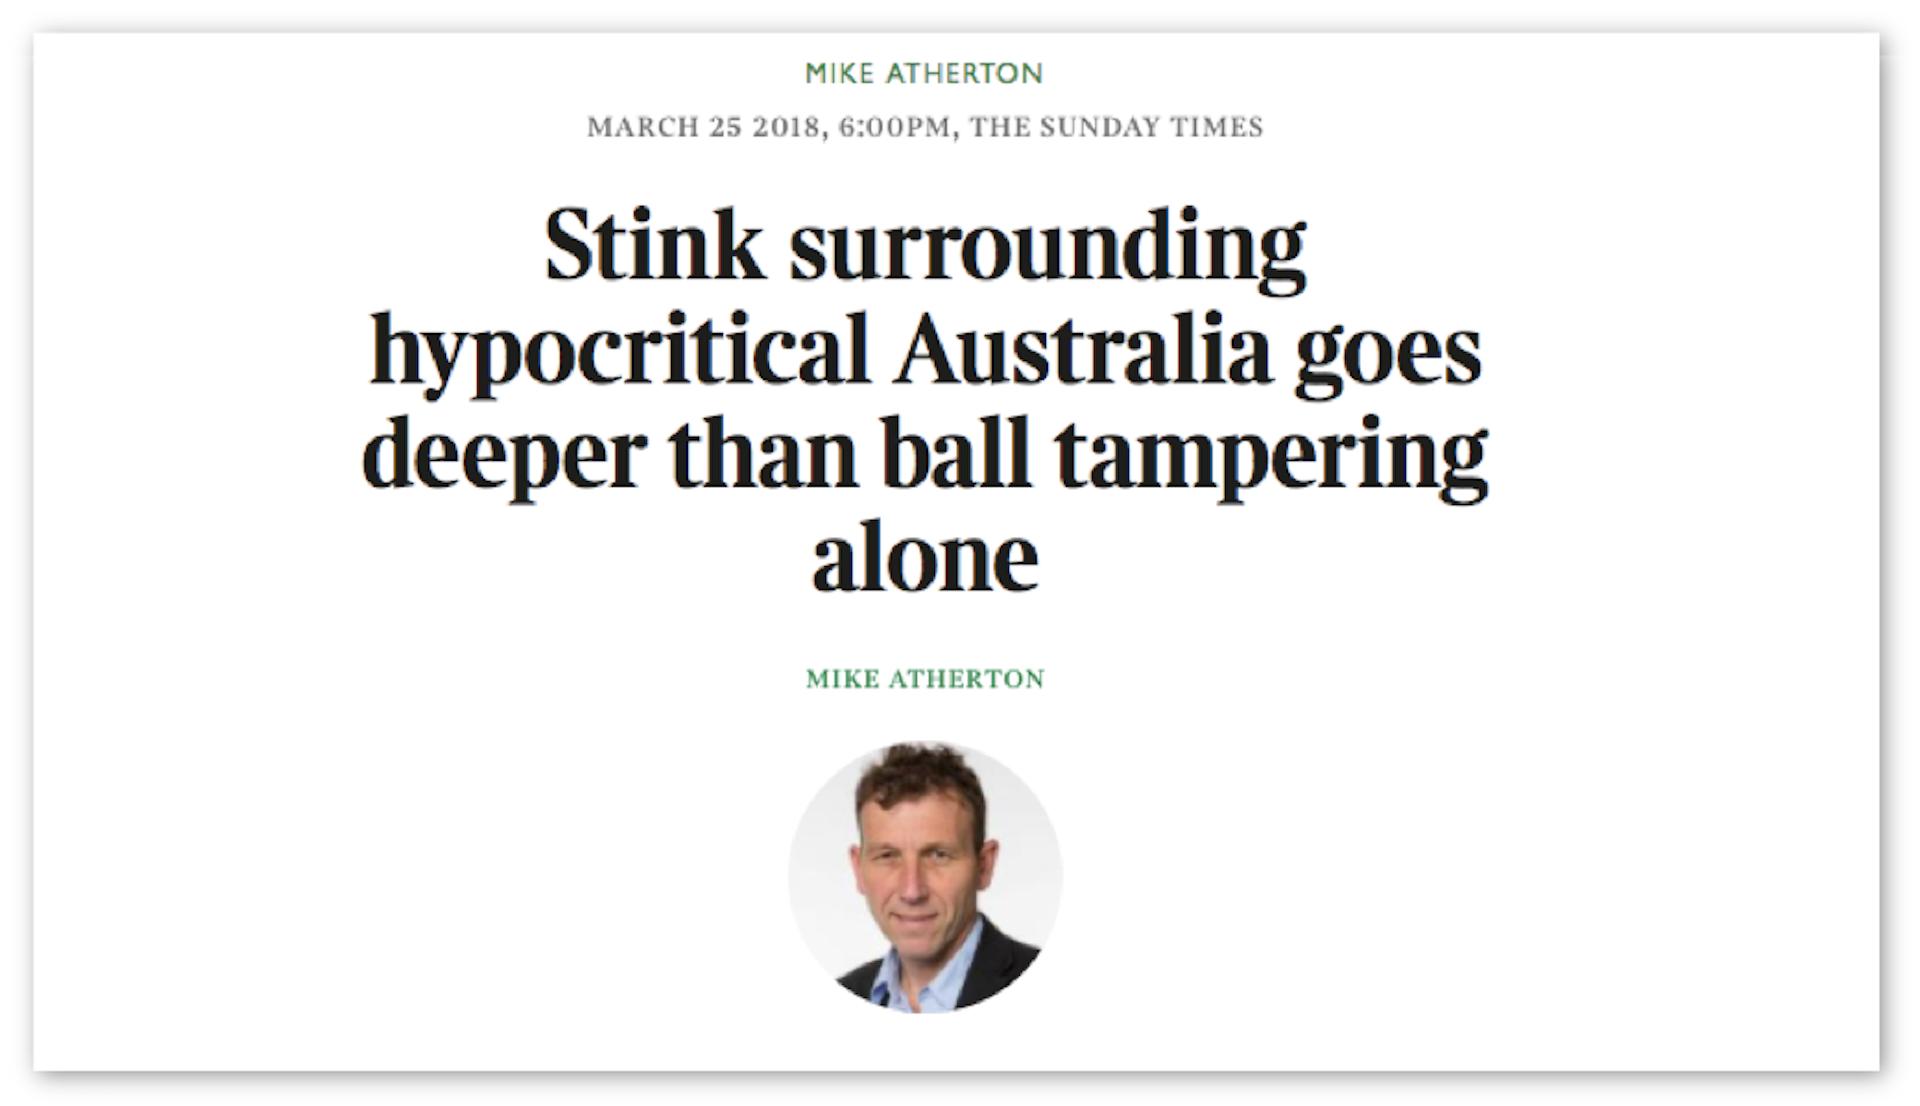 Australia skipper Steven Smith fined, suspended for ball tampering